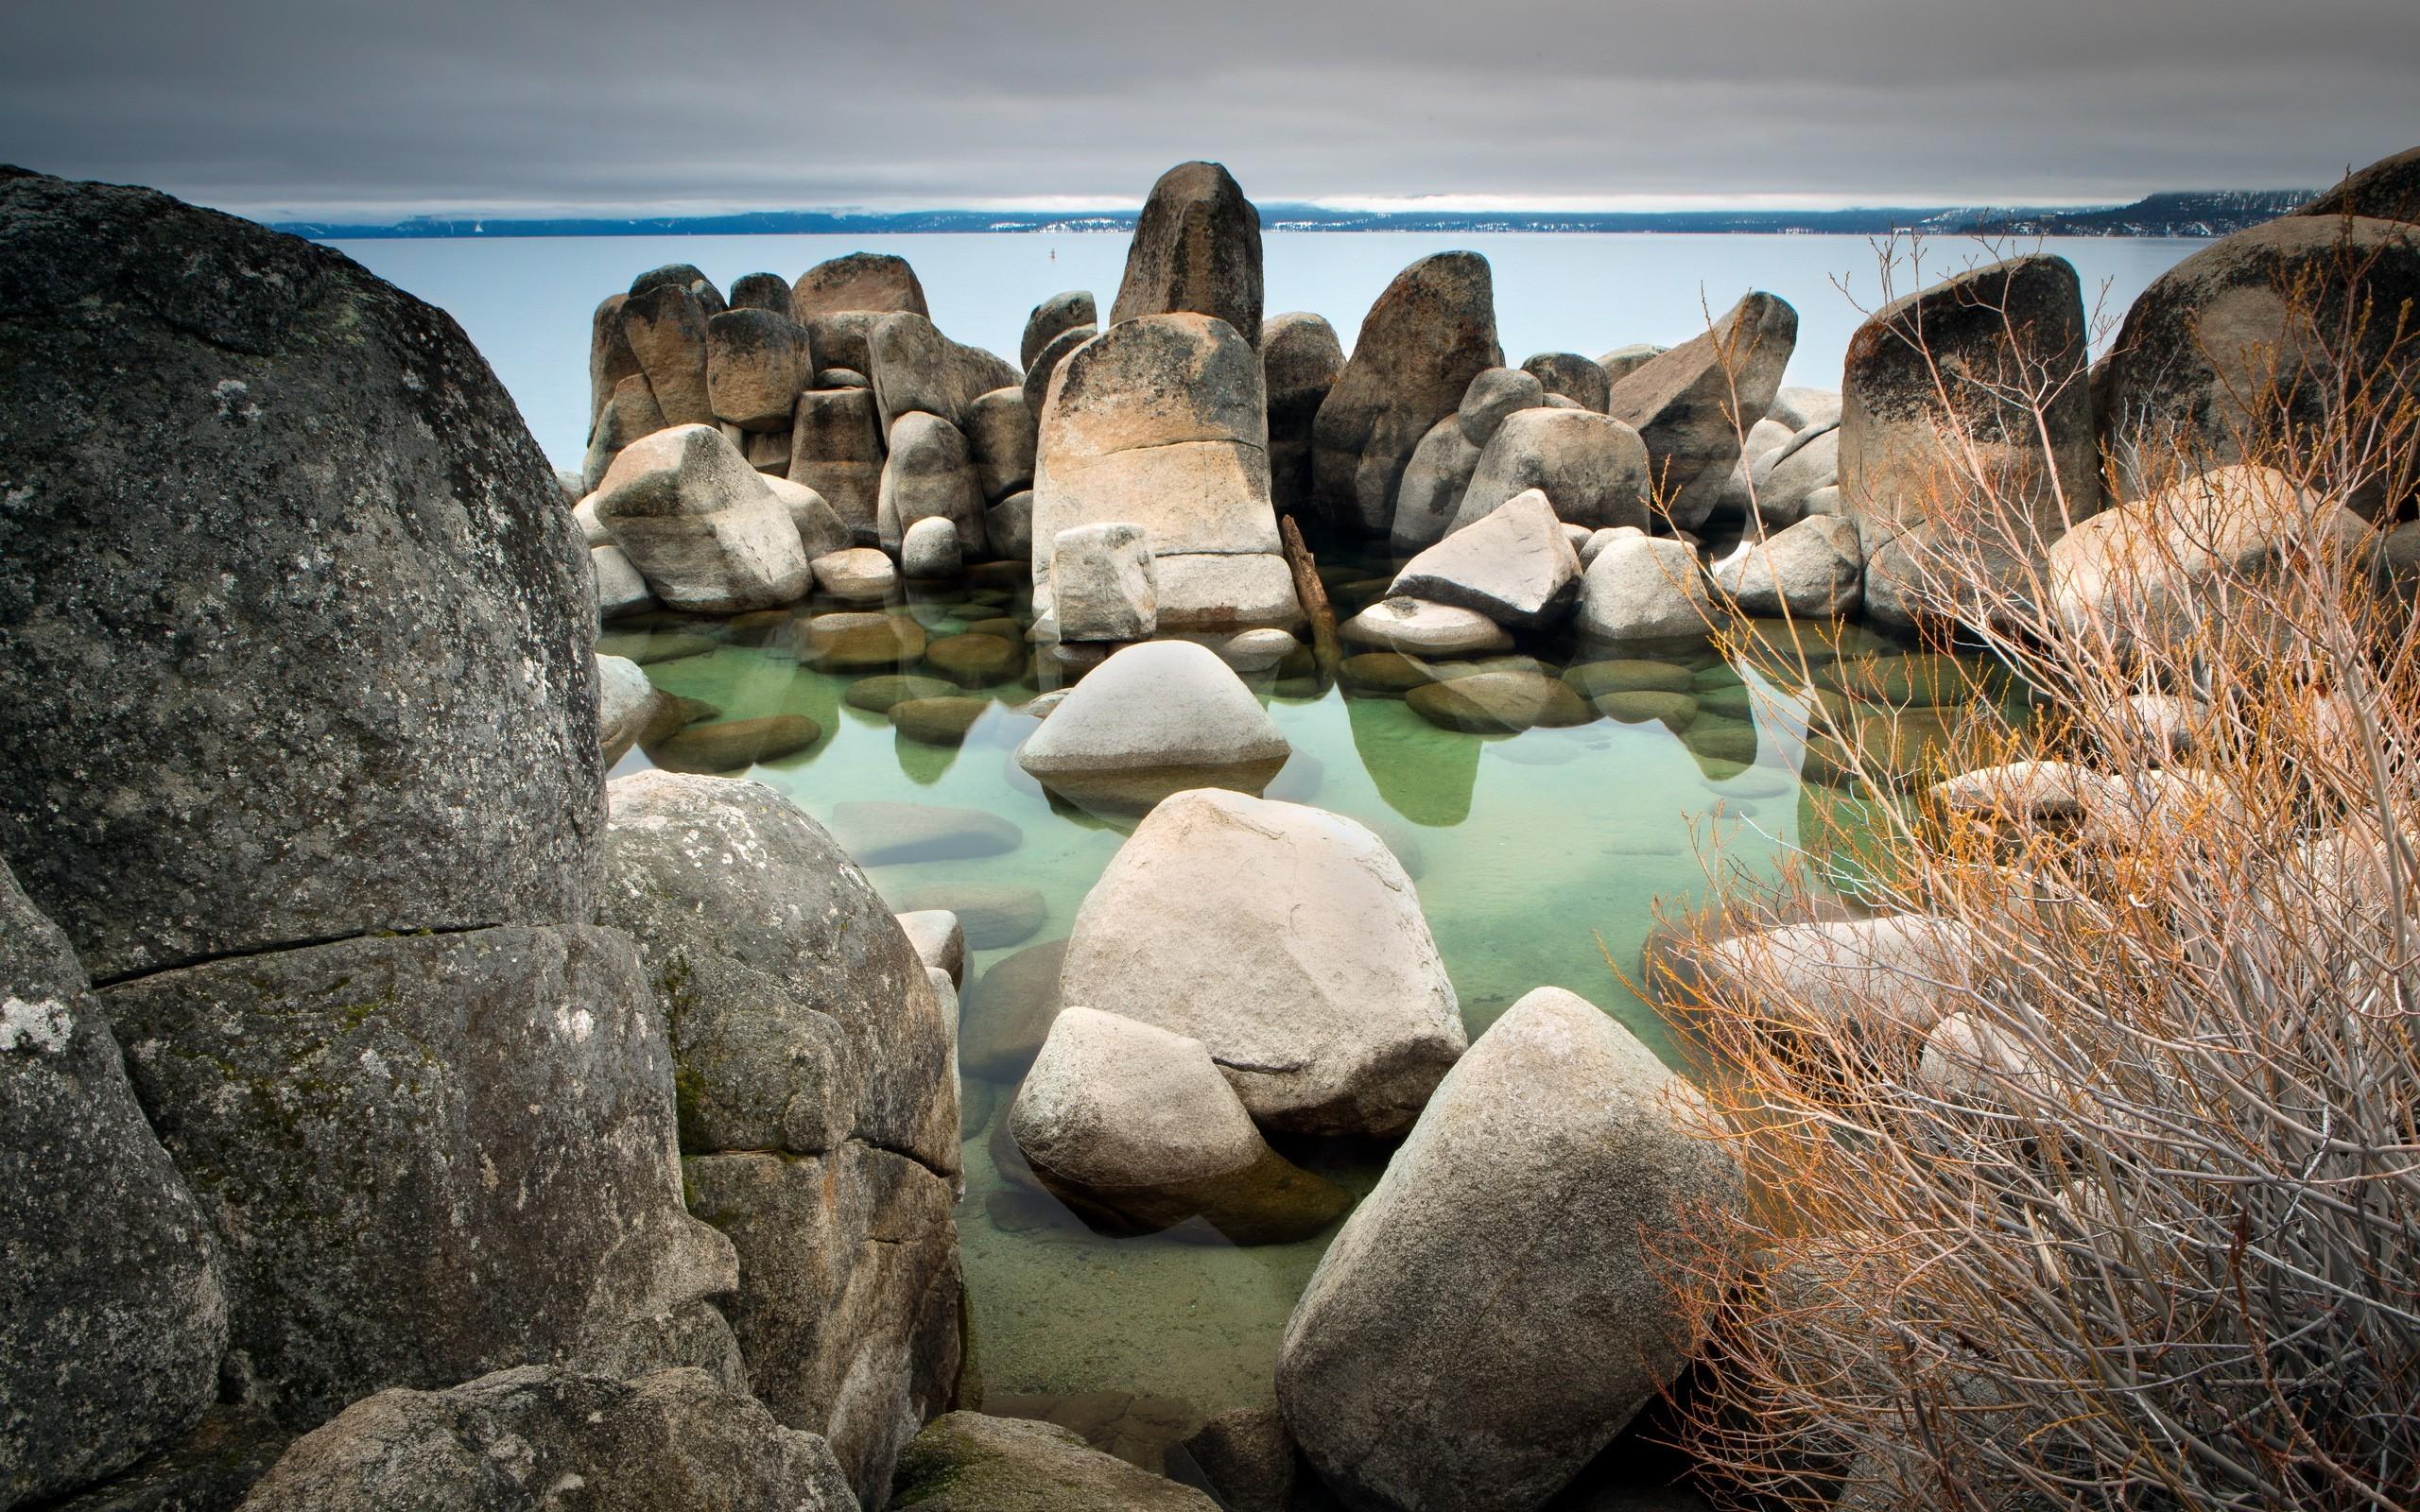 домах пейзажи на камнях фото таких